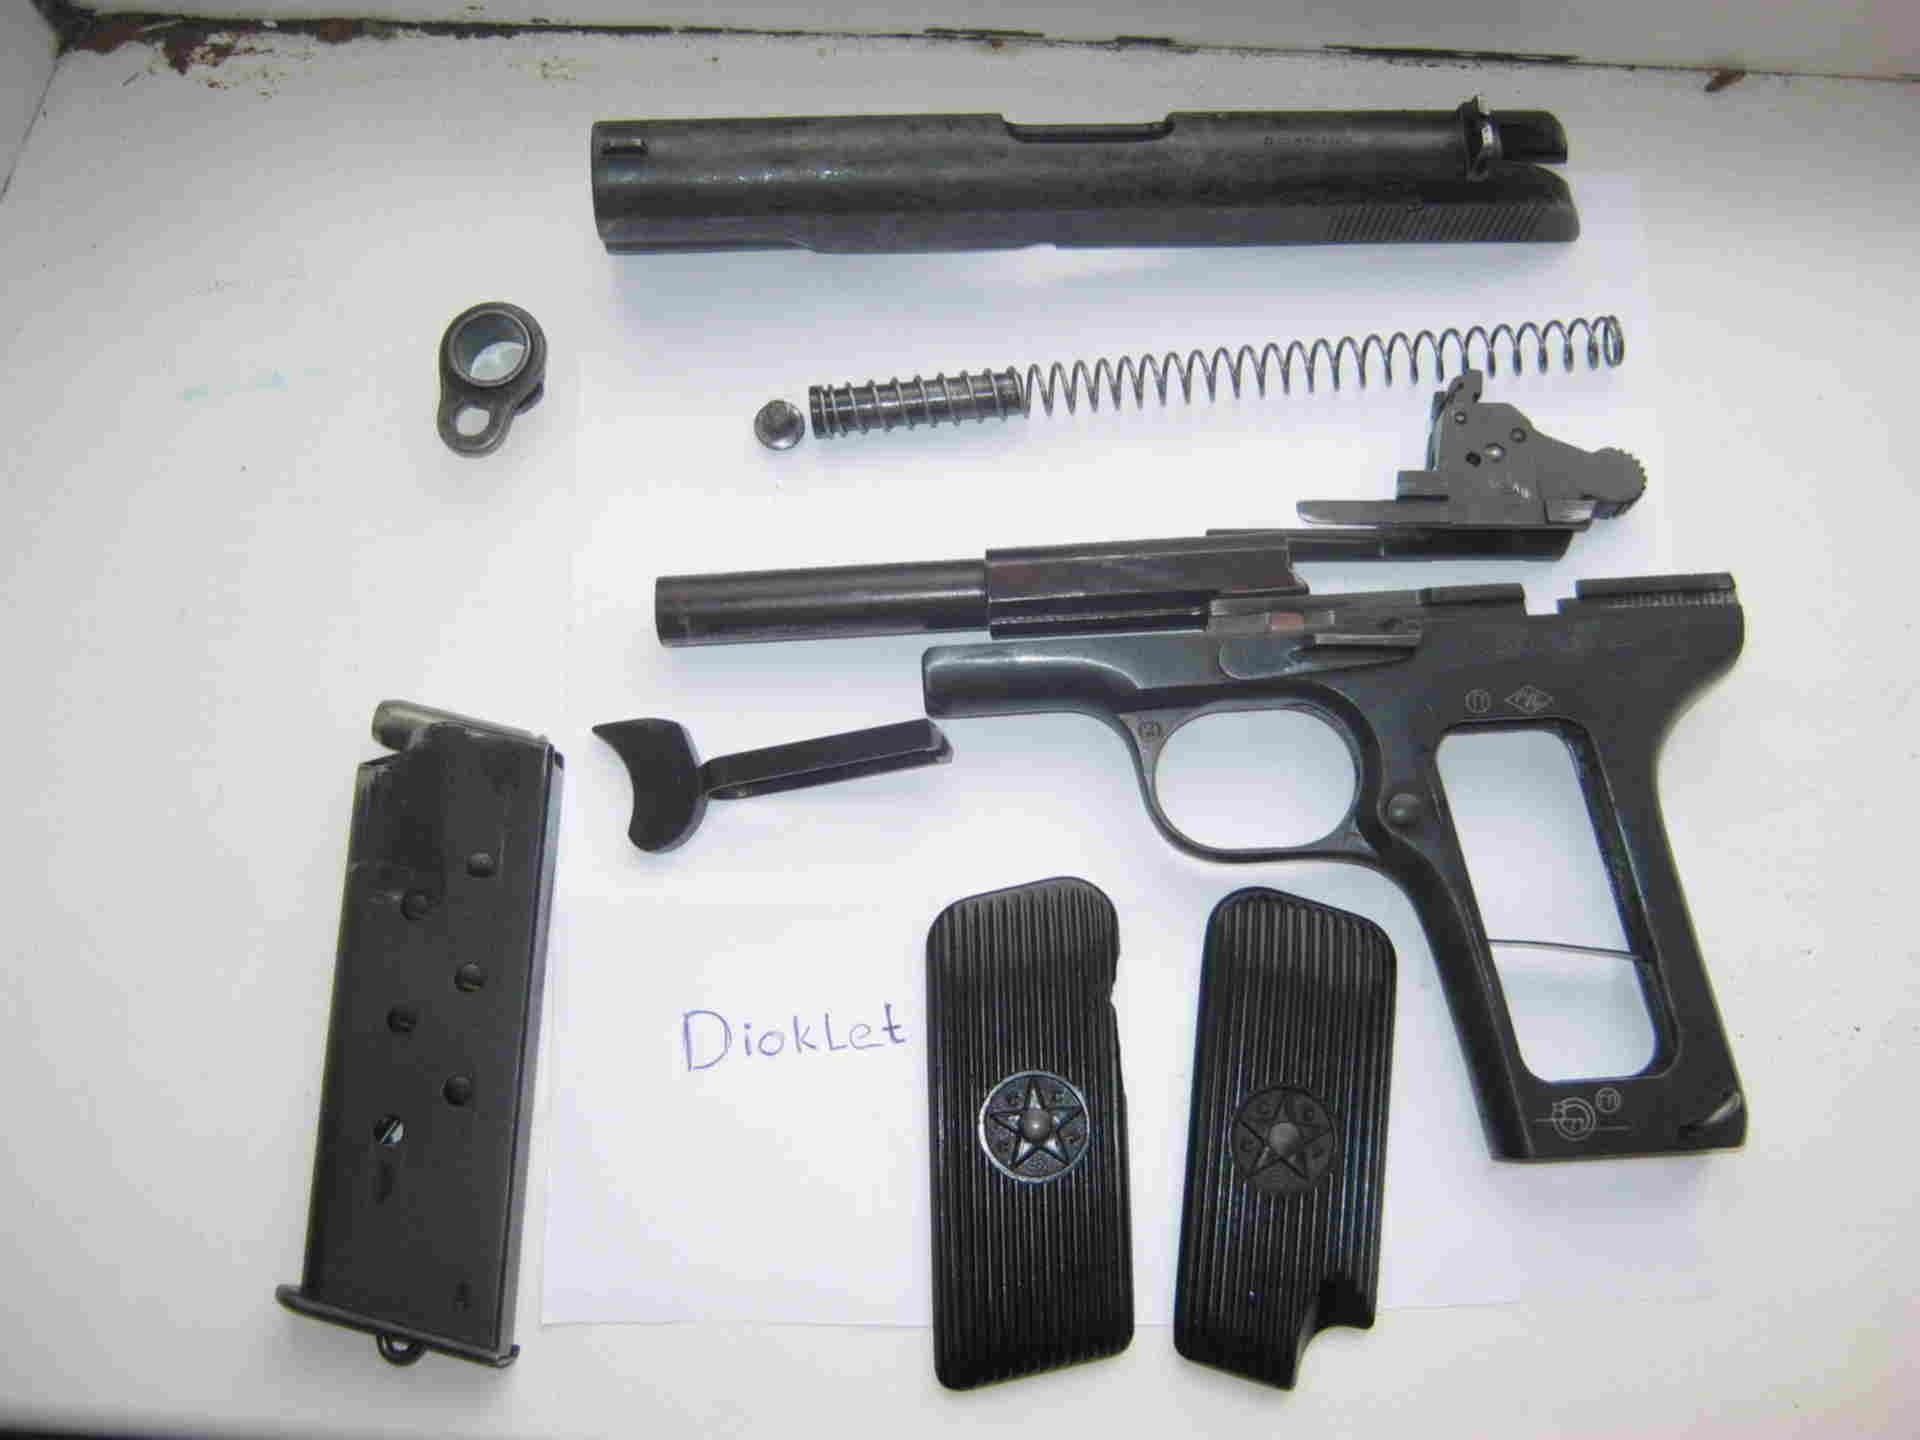 Преимущества и недостатки различных моделей травматического оружия (окончание)